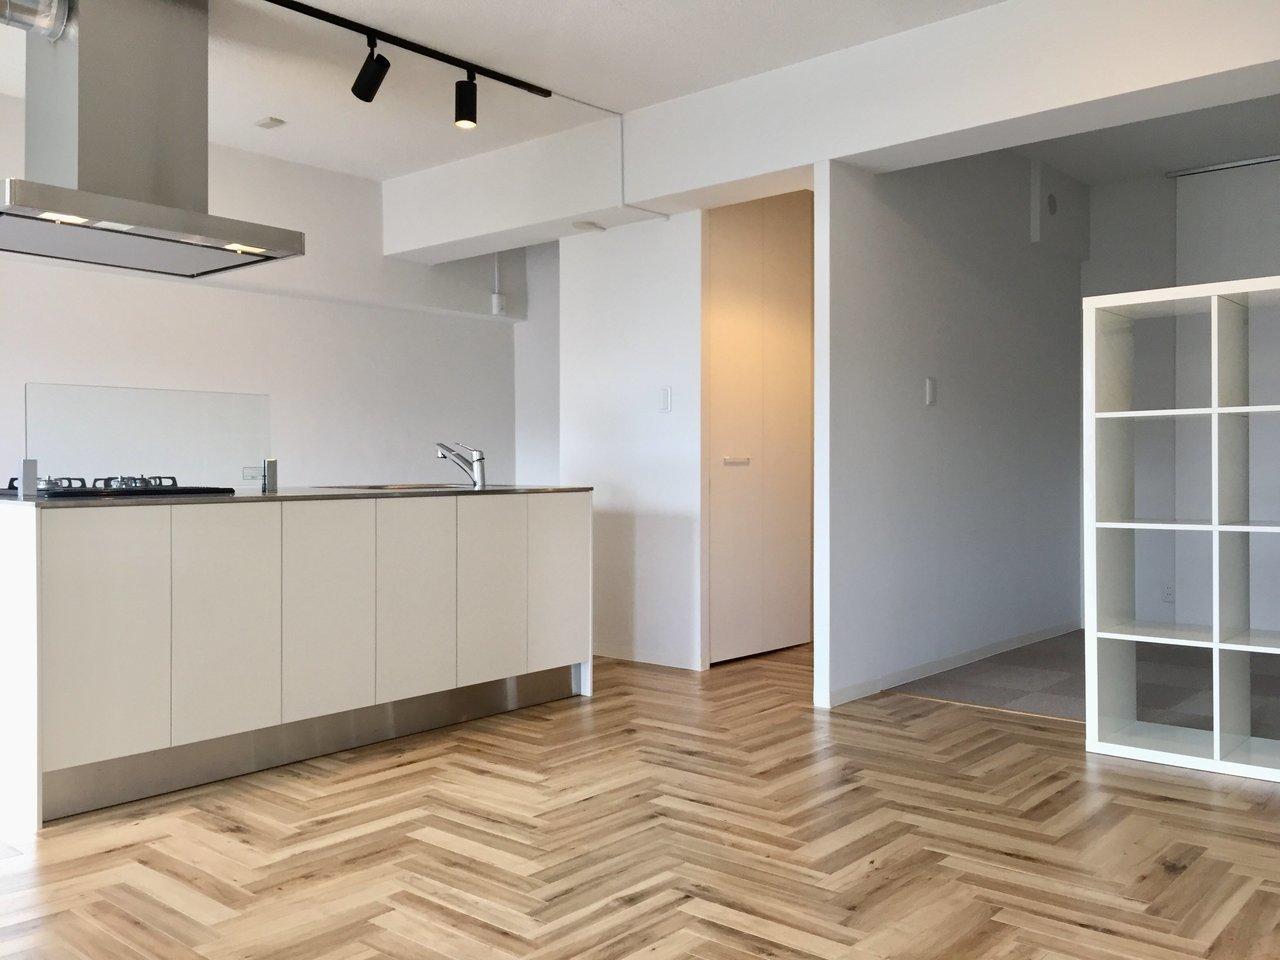 北欧スタイルにリノベーションされた1LDKのお部屋。床は、嬉しいヘリンボーン柄!